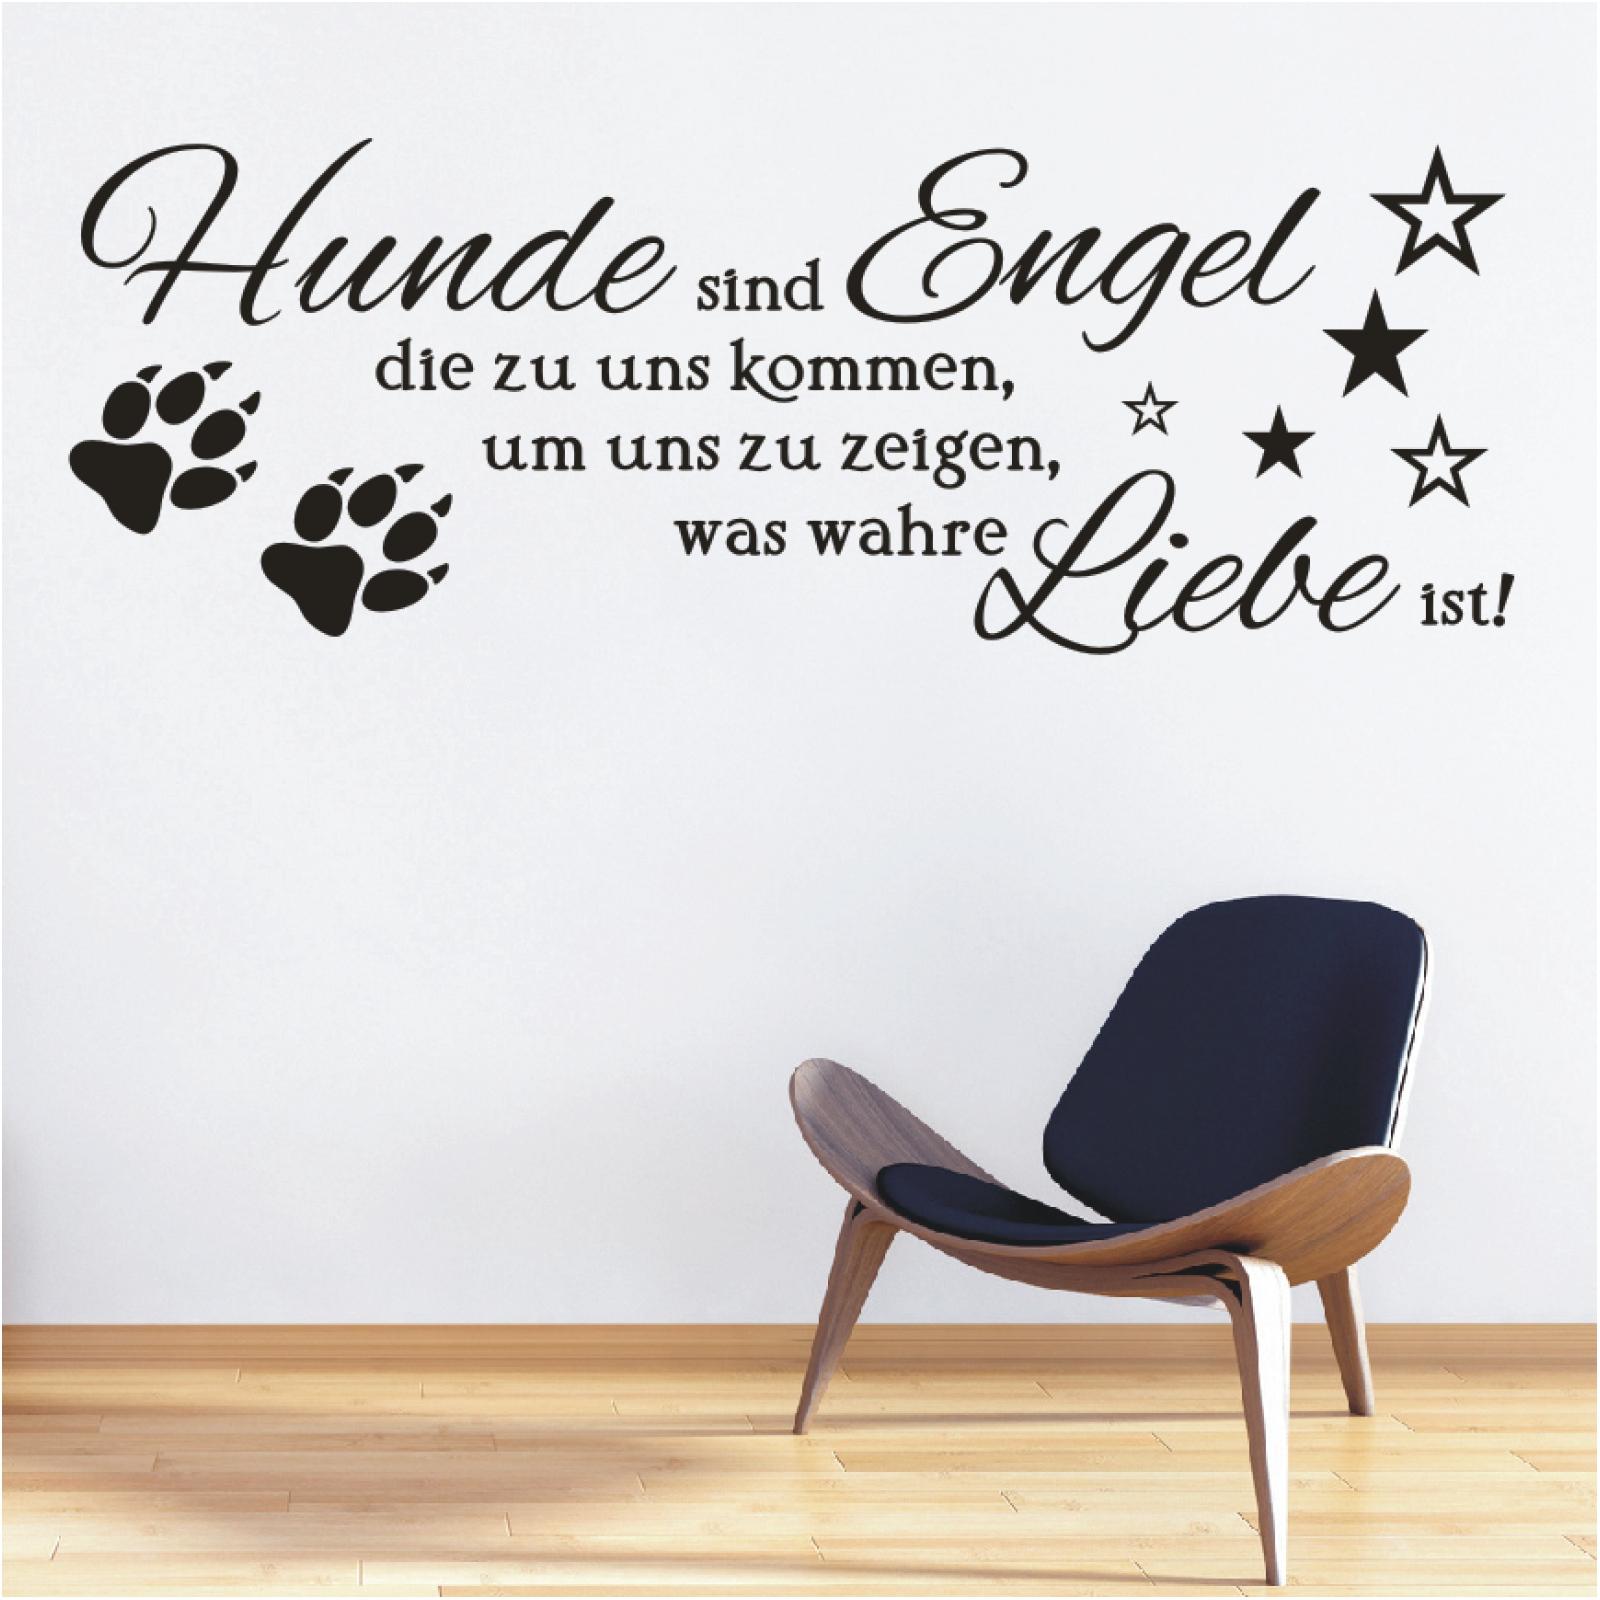 Wandtattoo Spruch Hunde Engel Wahre Liebe Sticker Wandaufkleber